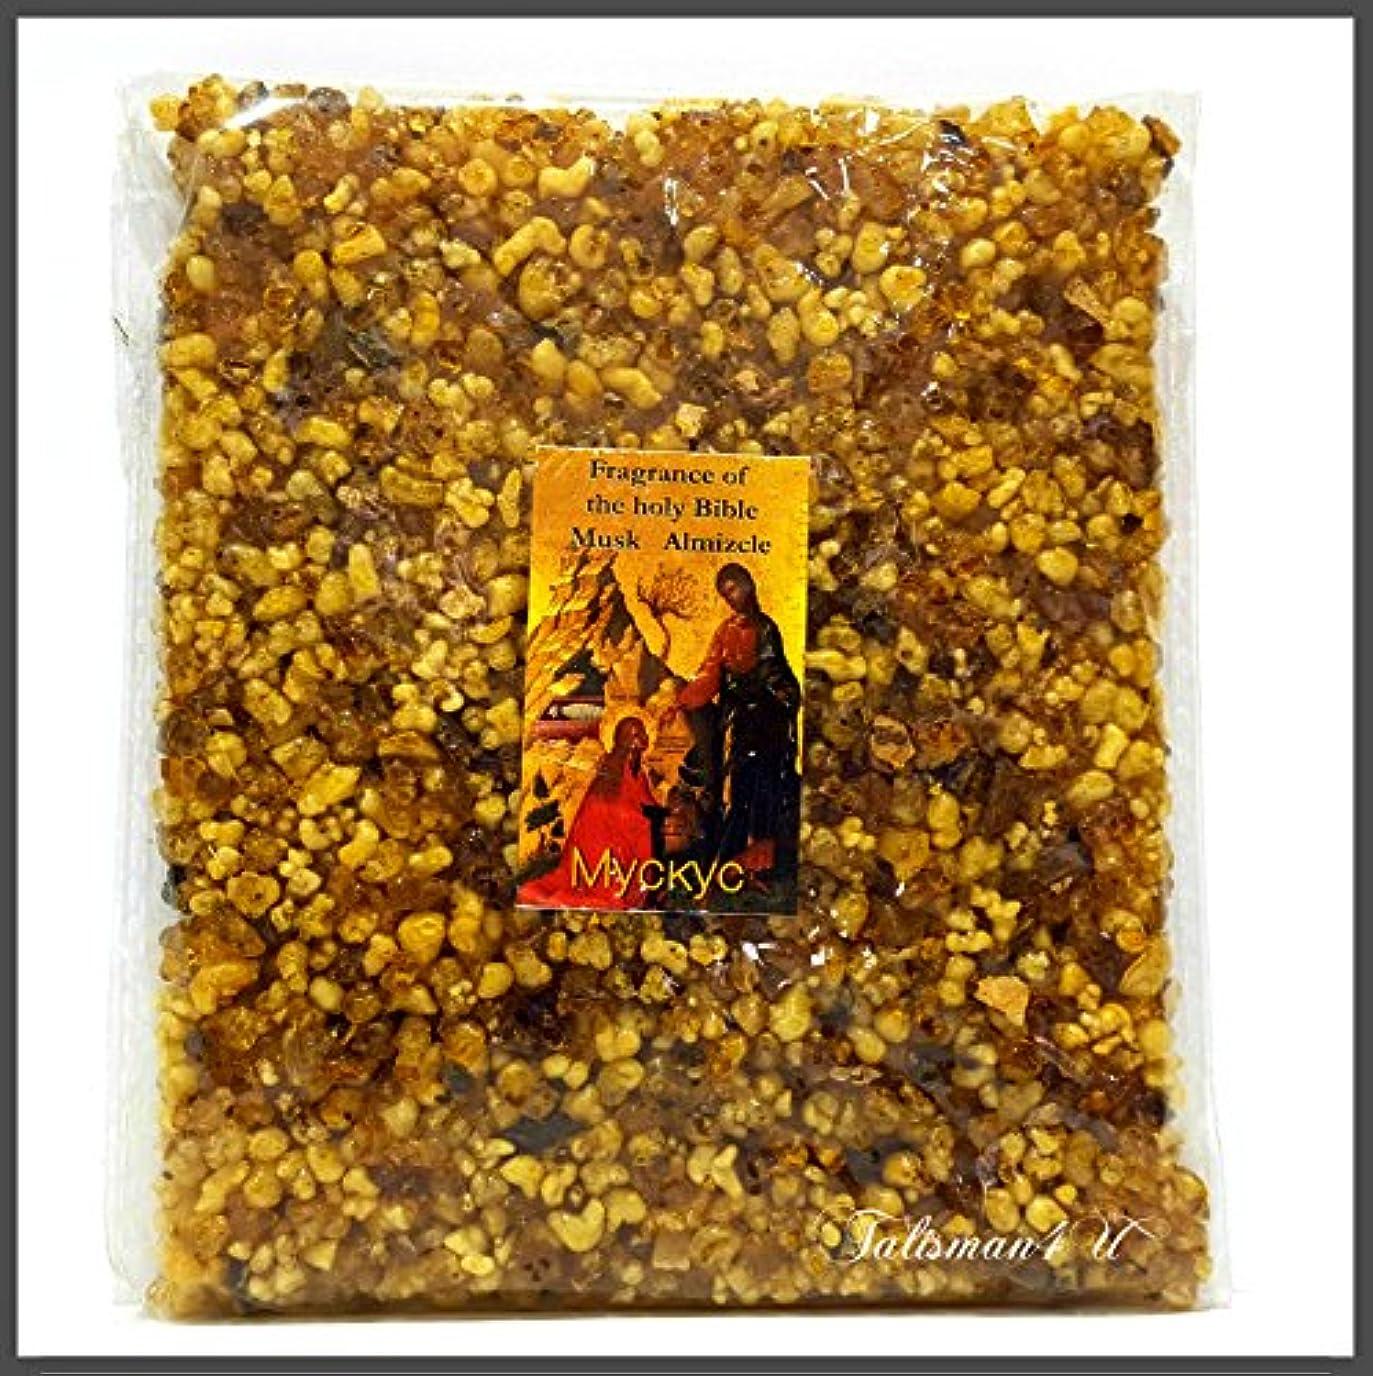 ベンチ教え苦しみムスクエルサレムIncense樹脂Aromatic Almizcle Frankincense of the Holy Land 3.5 Oz/100 g